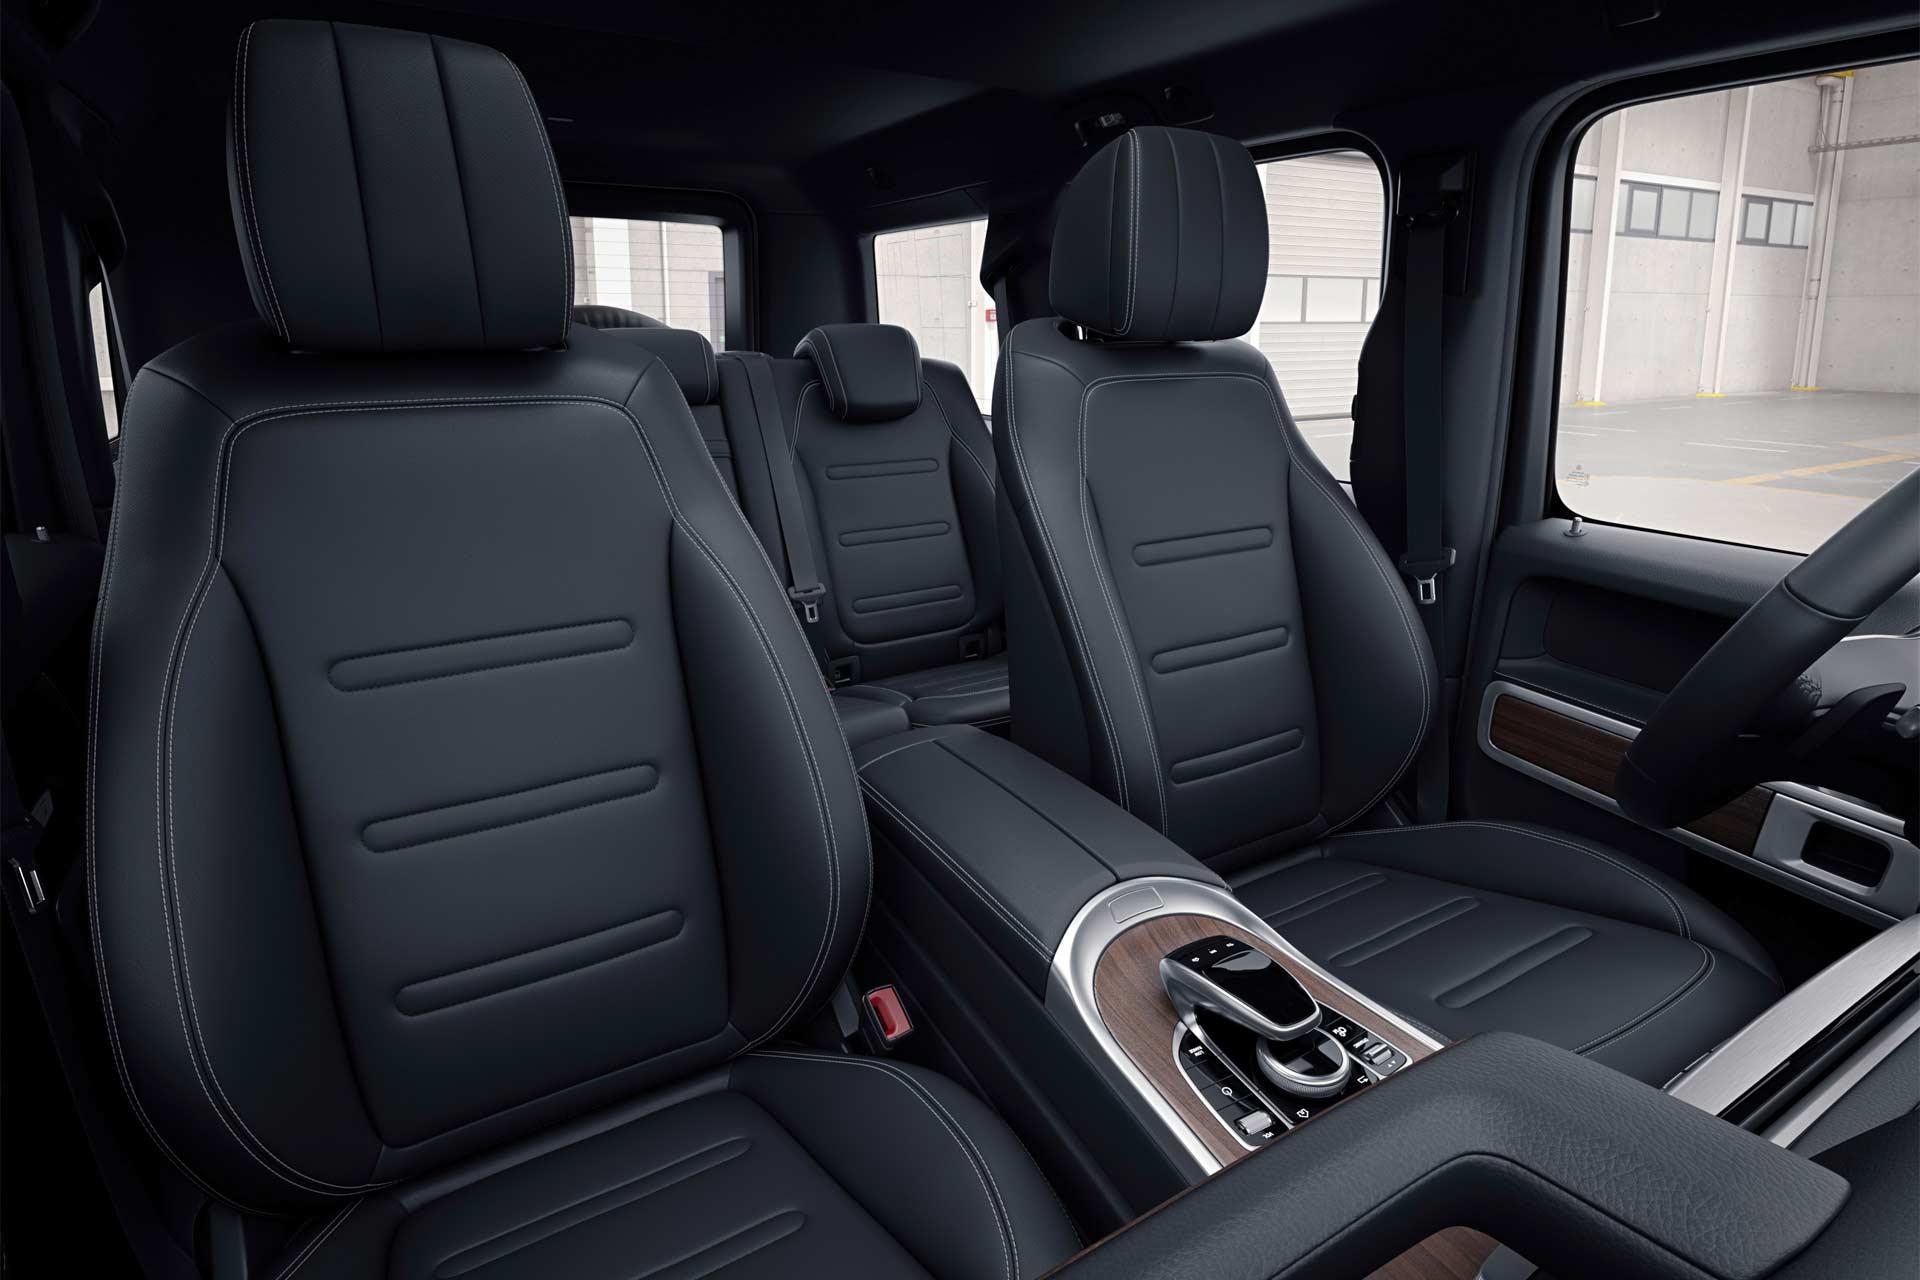 2018-Mercedes-Benz-G-Class-interior_3